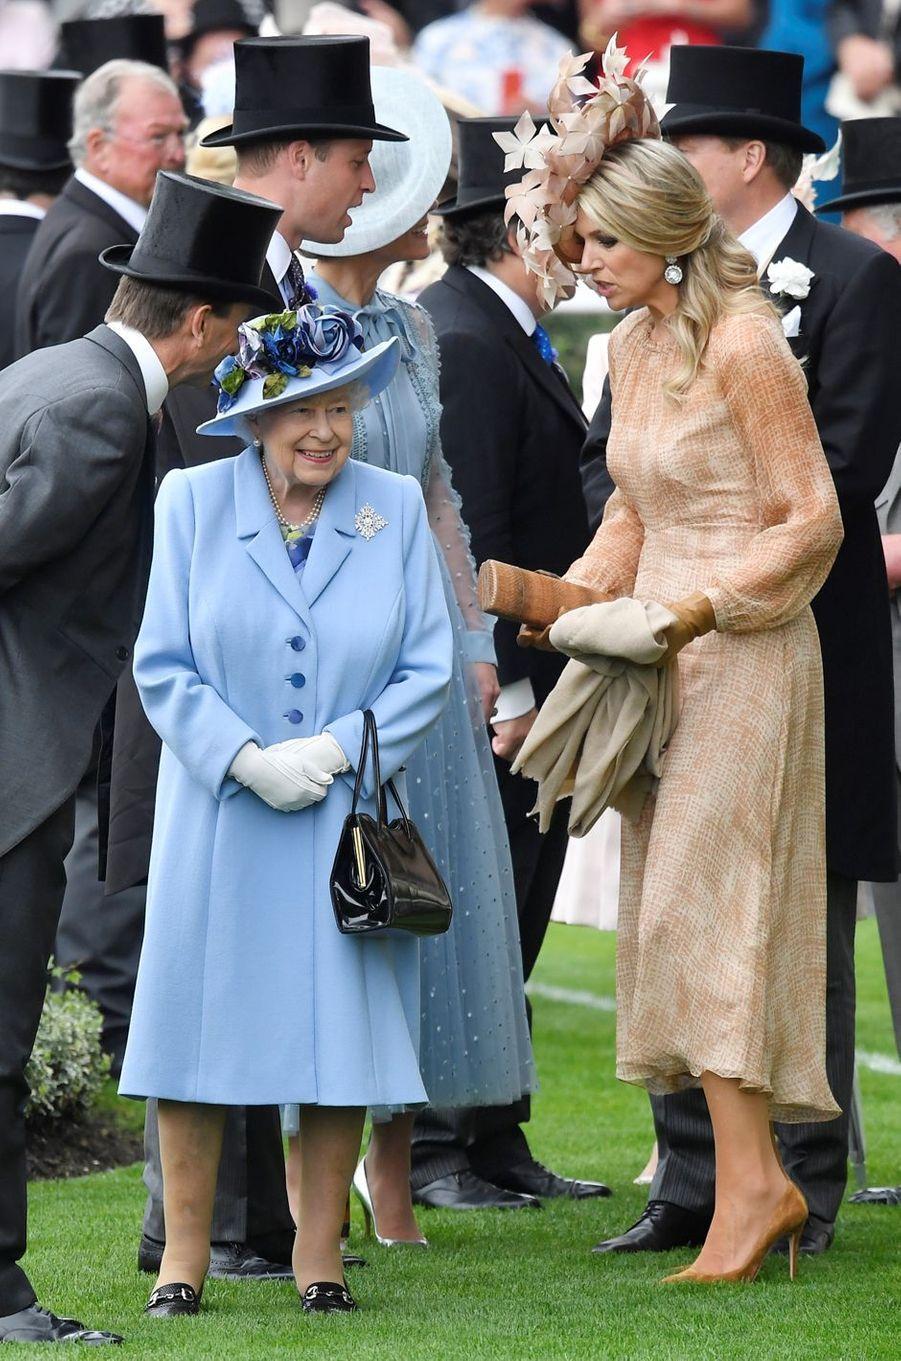 La reine Elizabeth II avec la reine Maxima des Pays-Bas au Royal Ascot, le 18 juin 2019